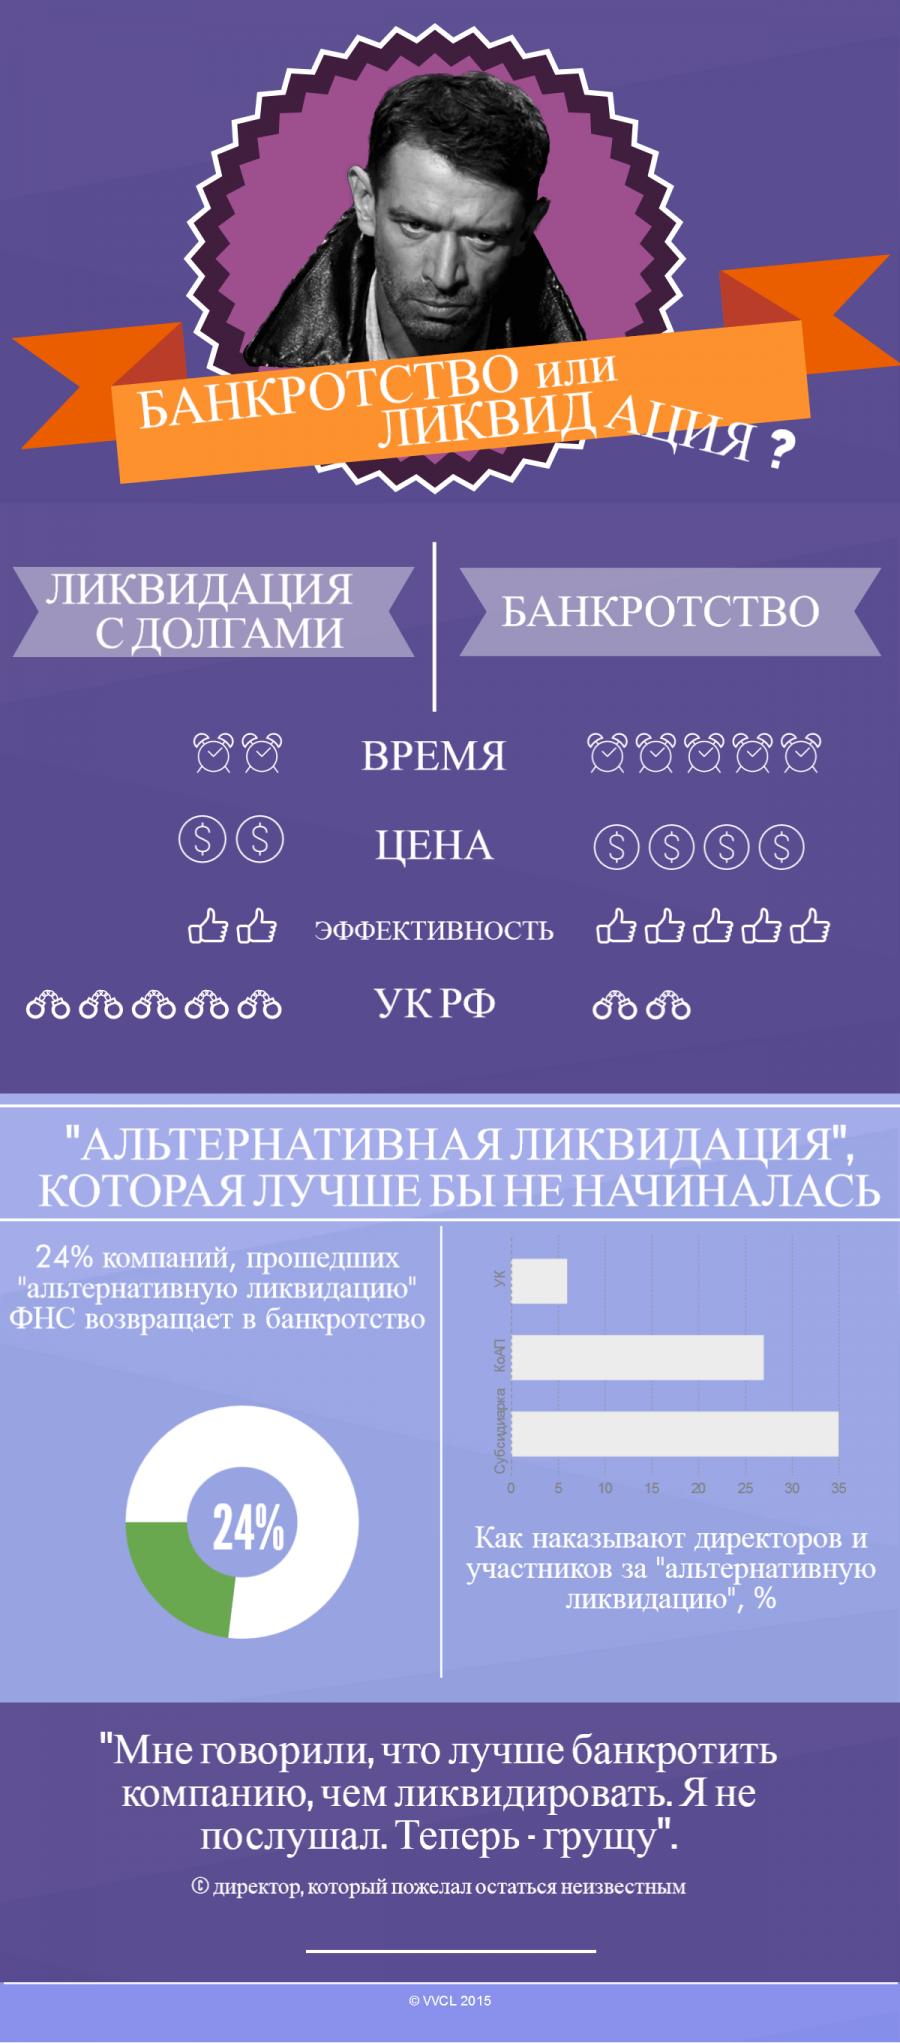 банкротство и ликвидация предприятия цена в москве